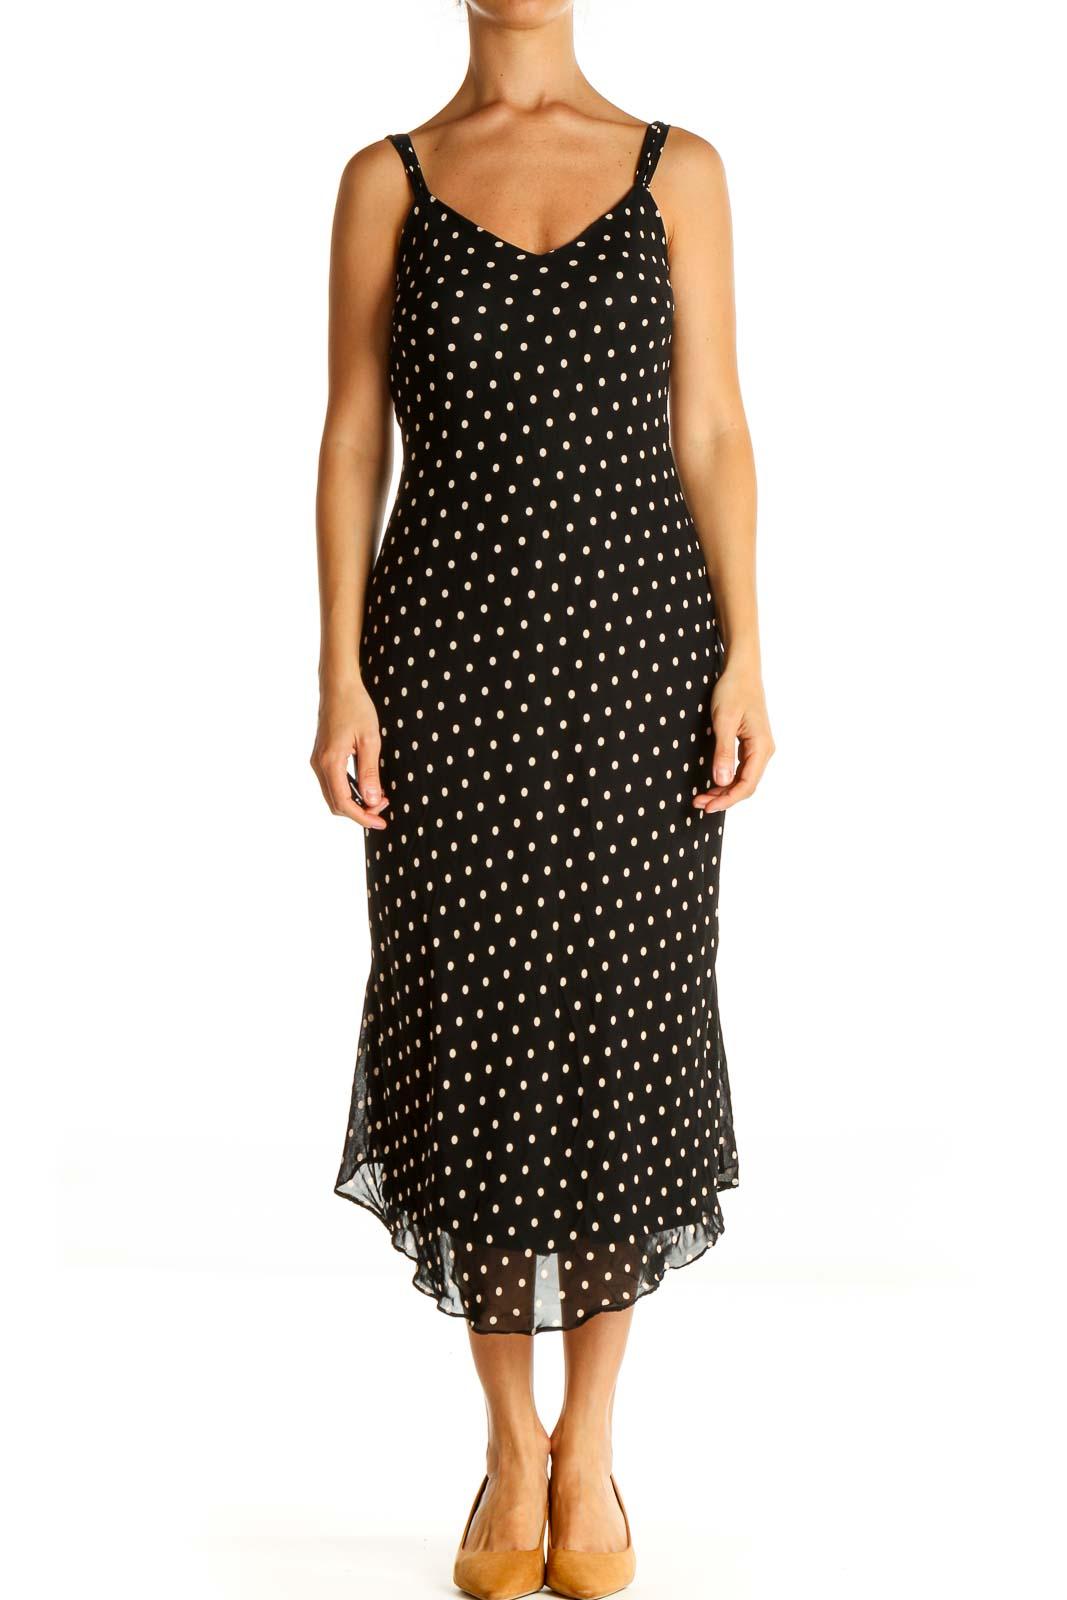 Black Polka Dot Bohemian Sheath Dress Front